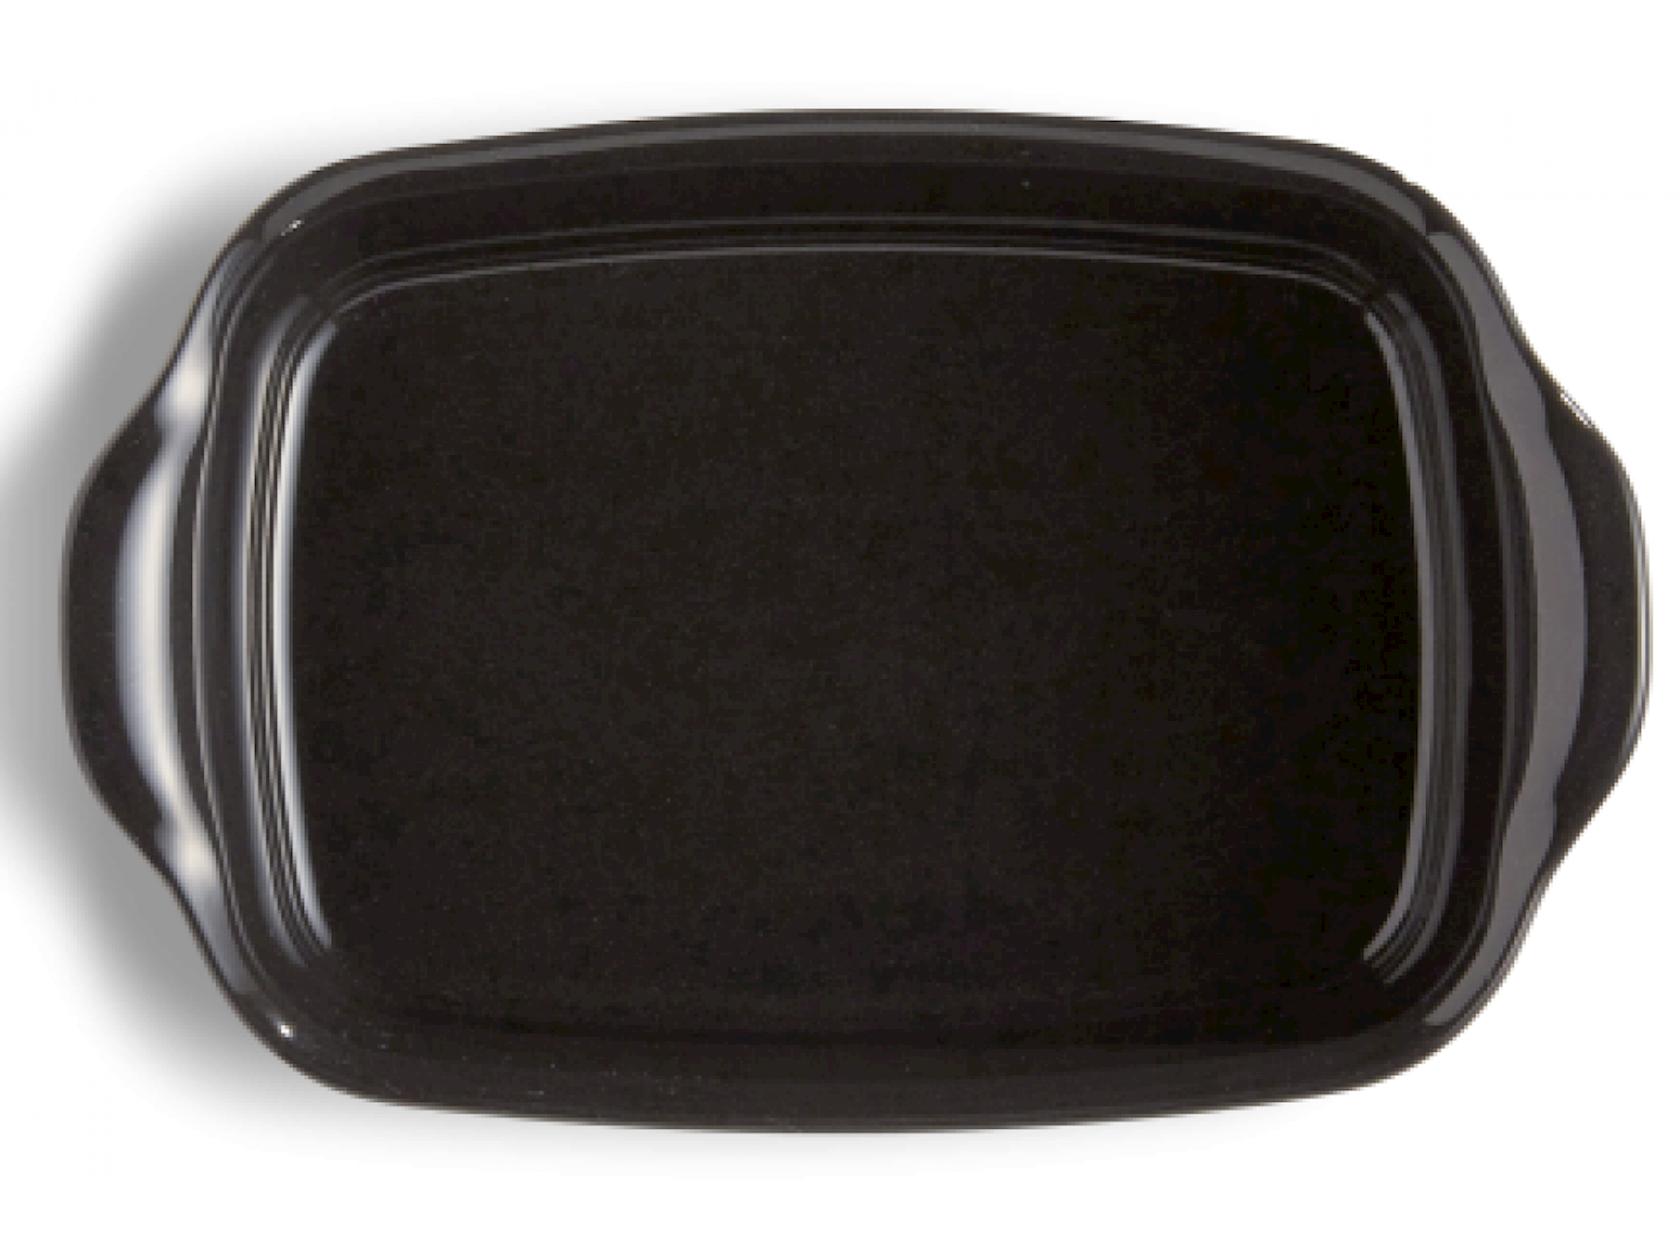 Bişirmə qabı Emile Henry, 42x27 sm, keramika, qara